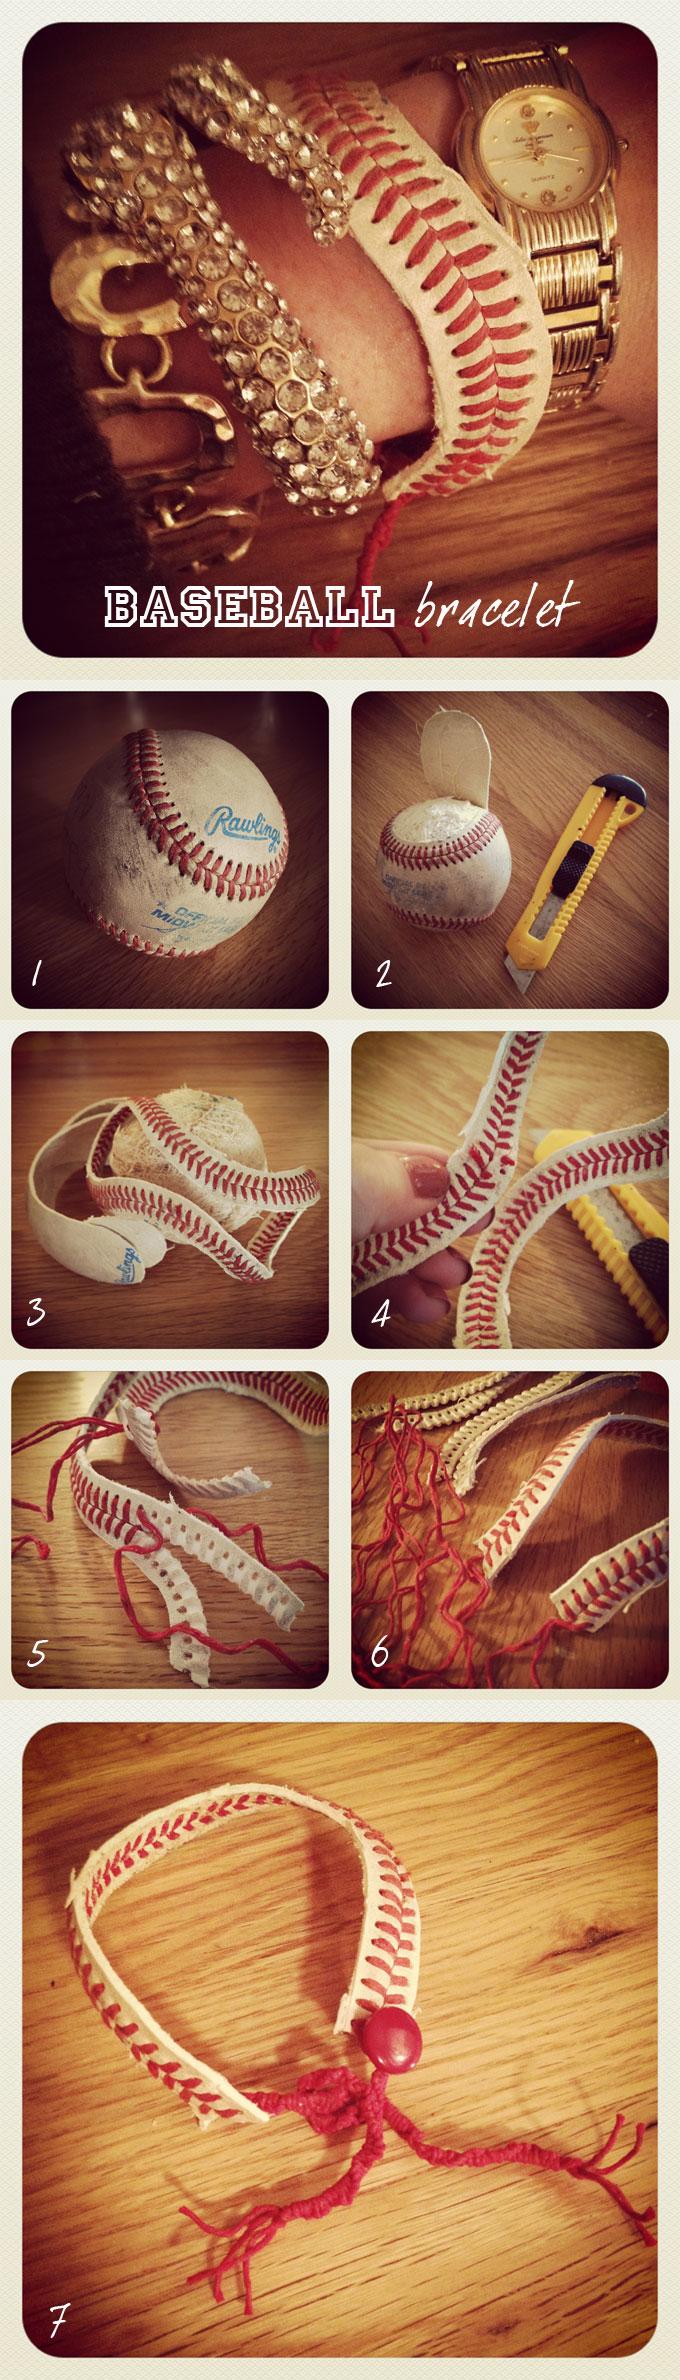 baseball-bracelet680